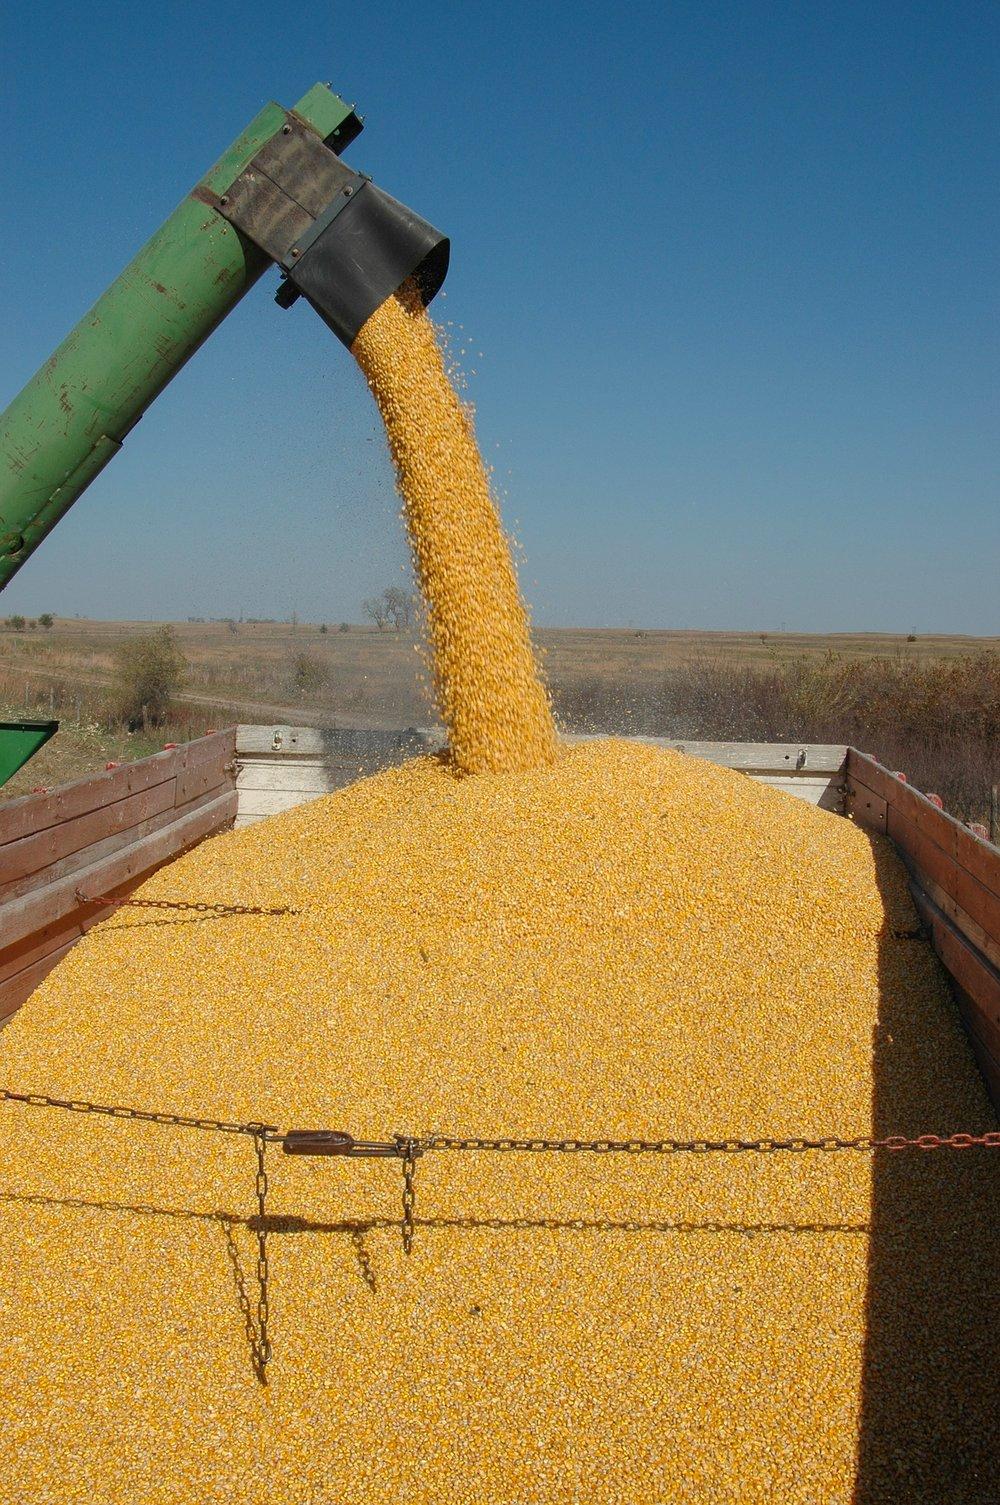 Gracias al maíz se consigue etanol (y reducir el CO2)